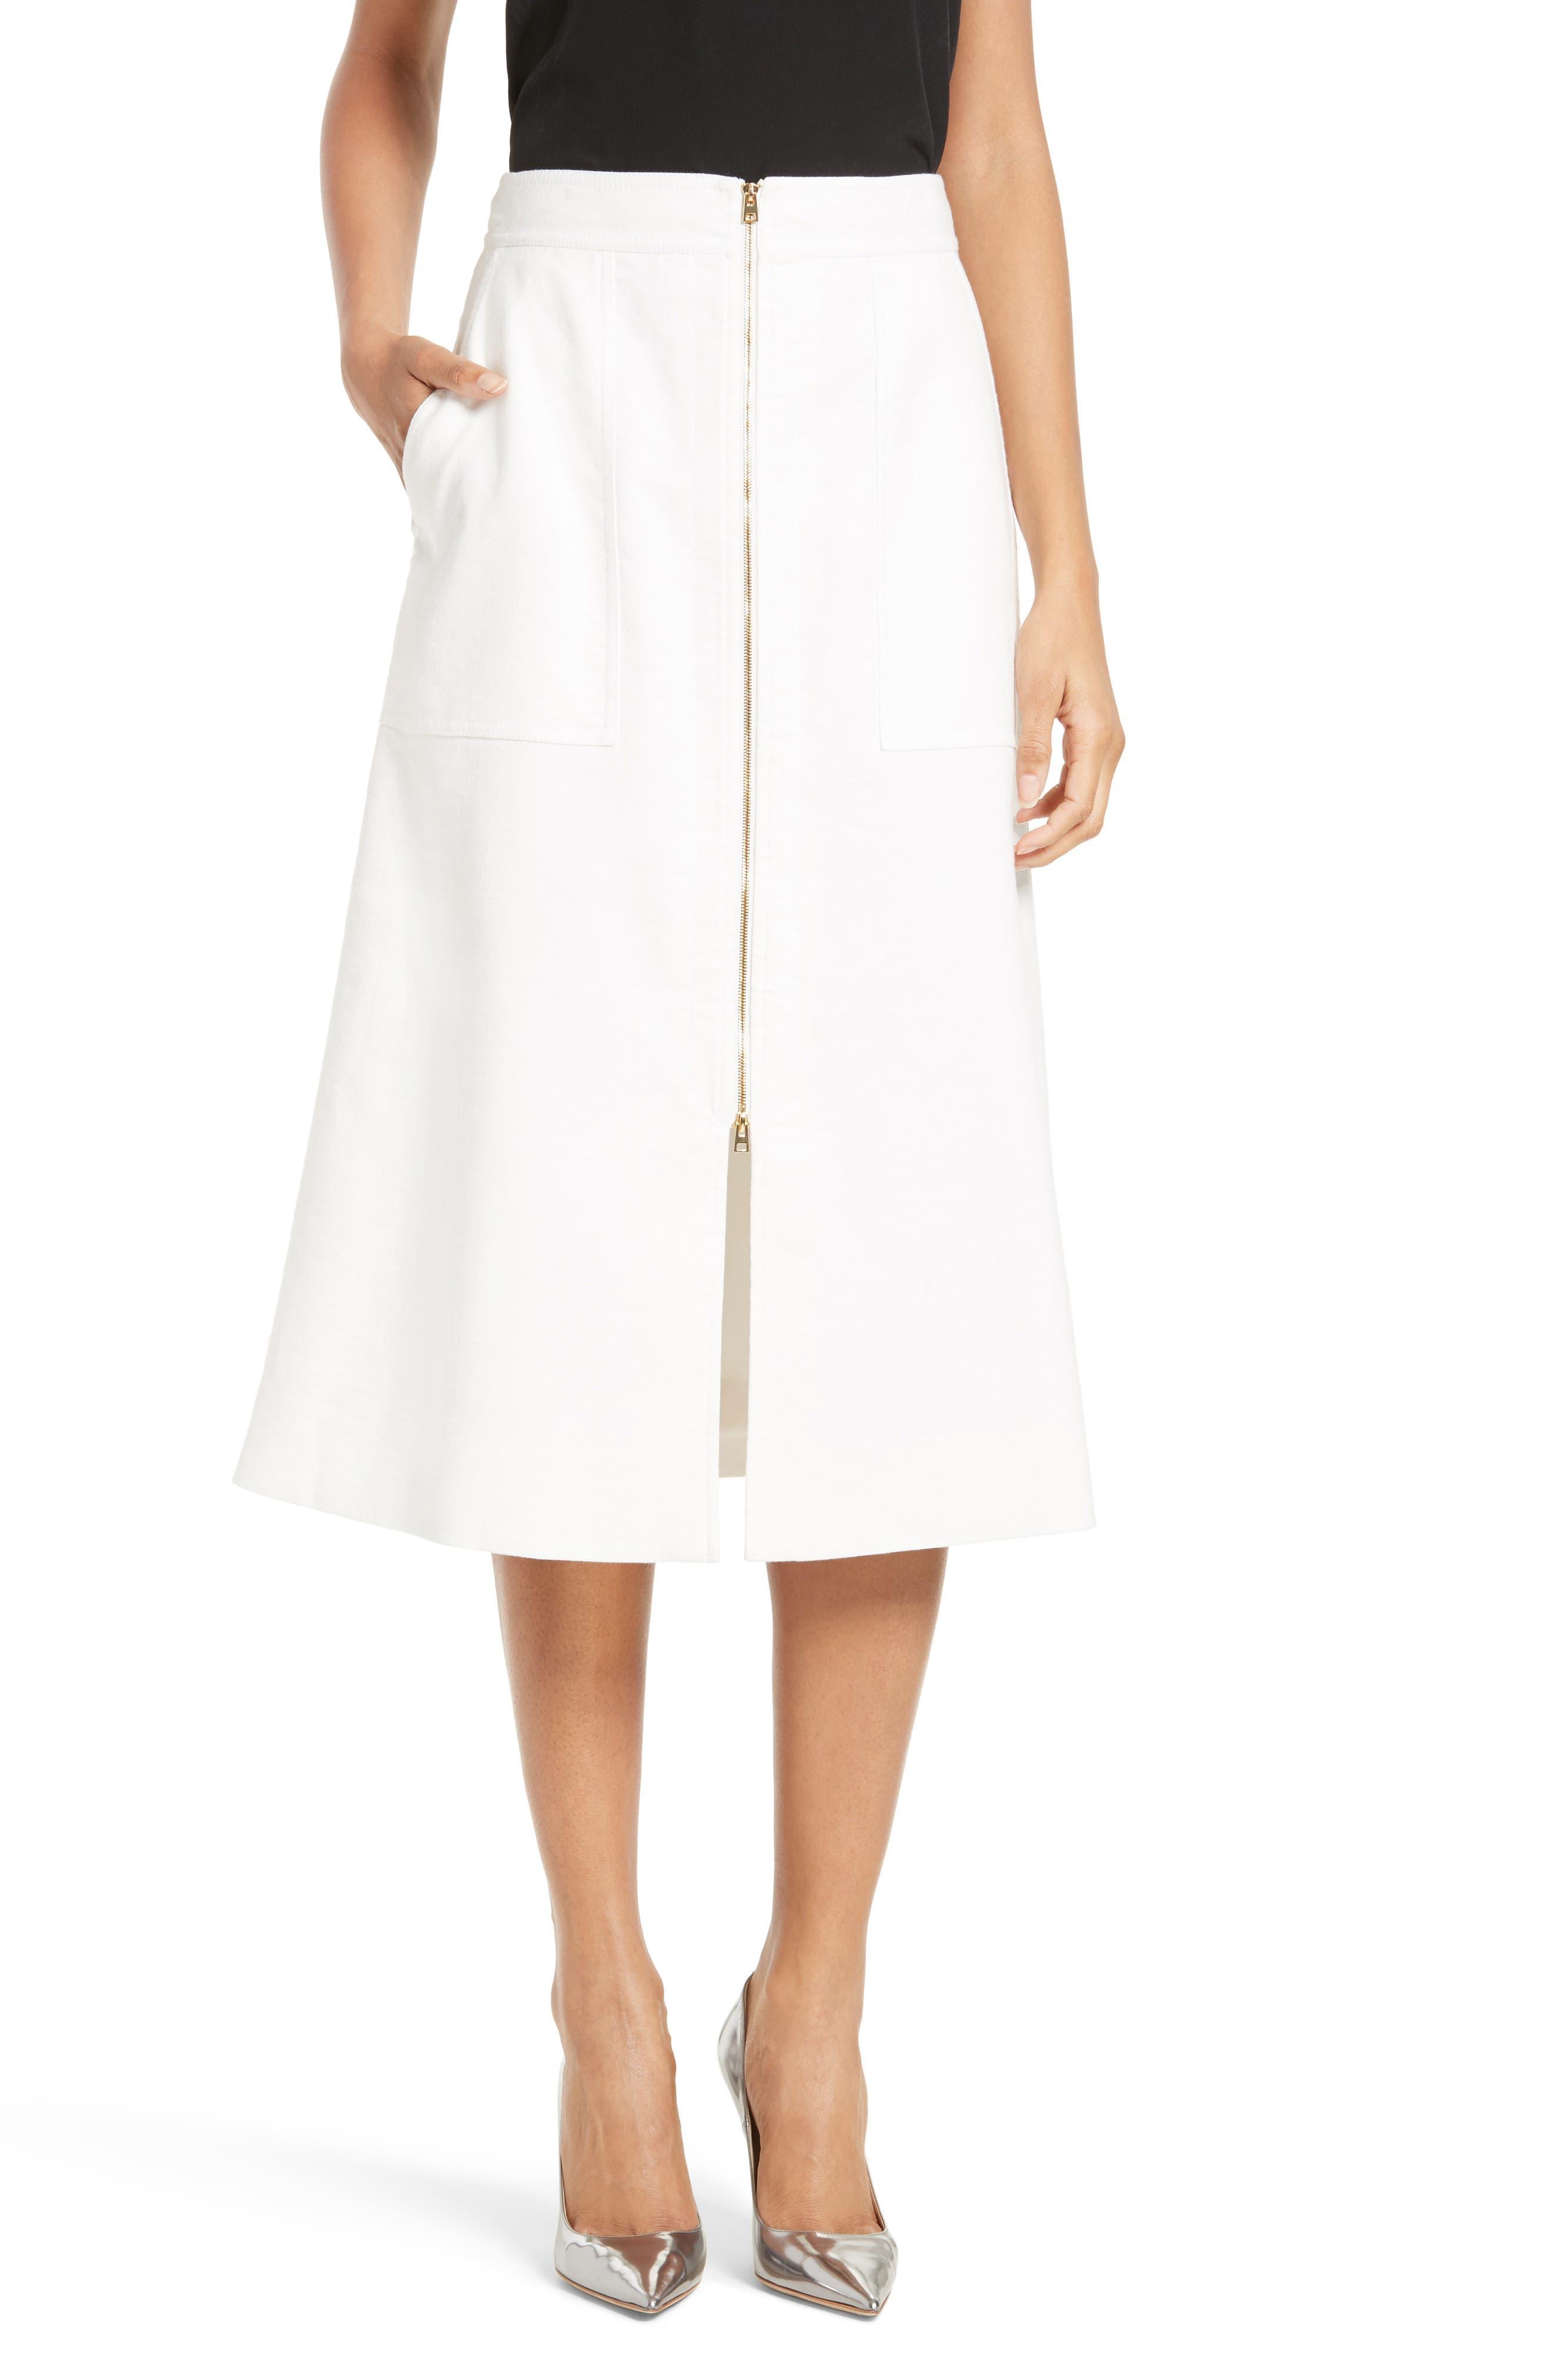 Diane von Fursternberg A-Line Midi Skirt